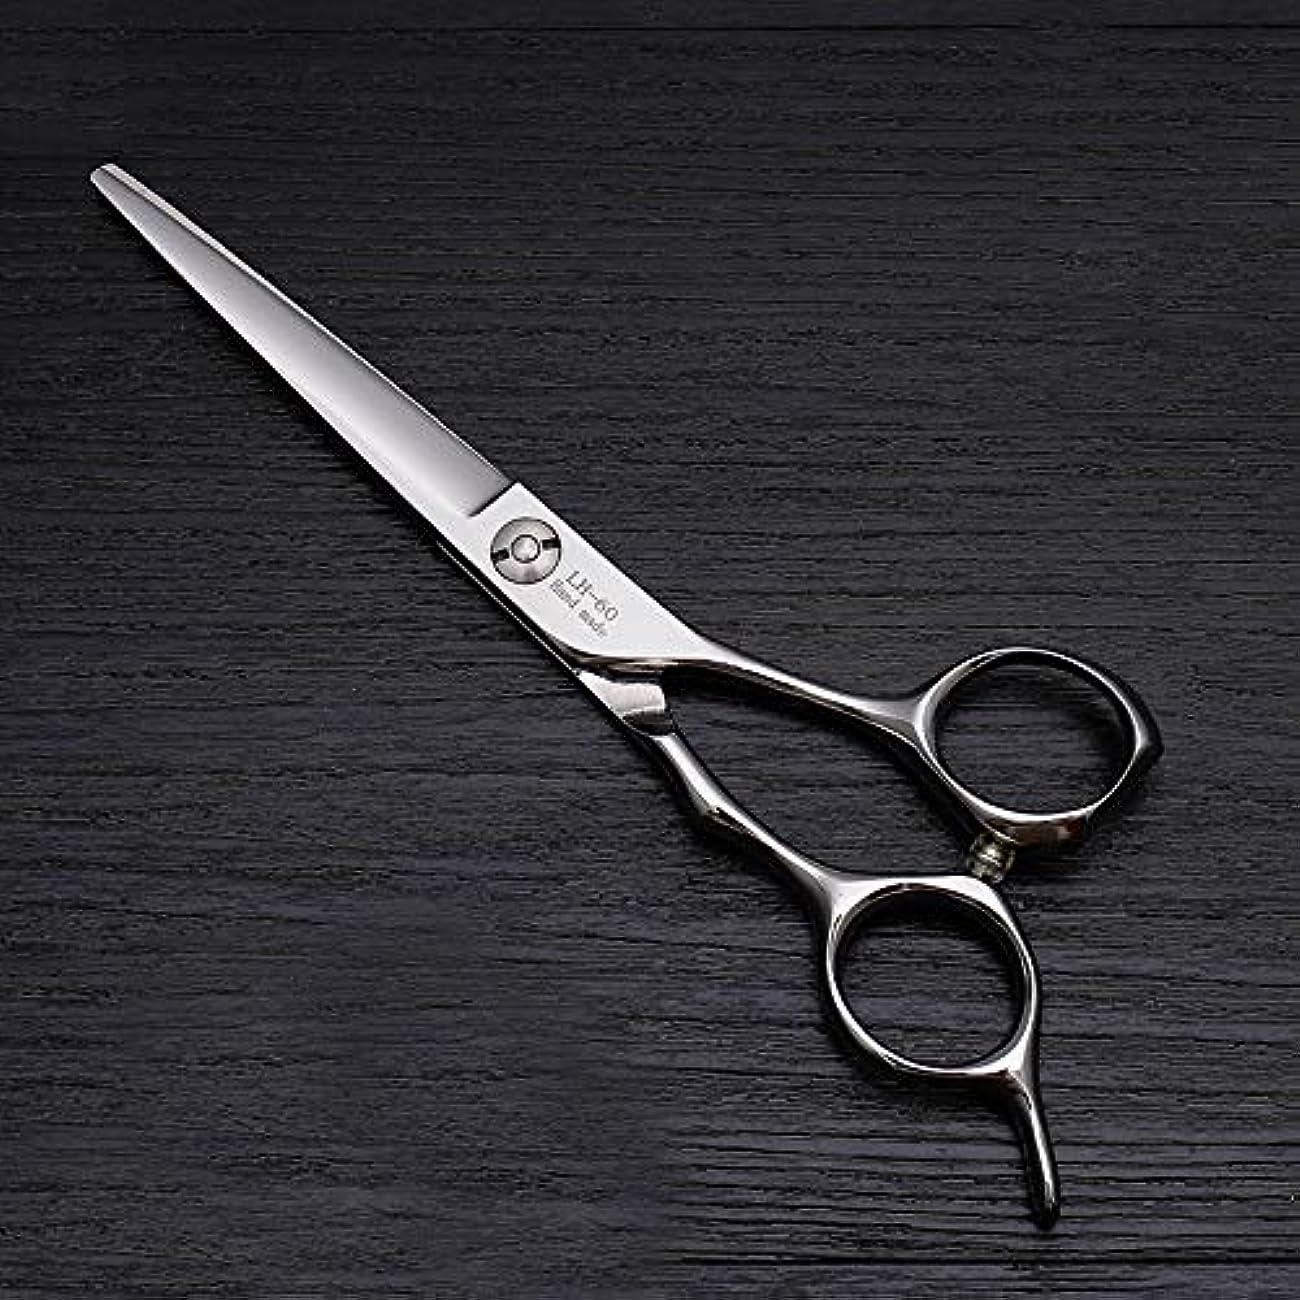 ずんぐりしたジェーンオースティン懲らしめ理髪用はさみ 6インチ散髪フラットせん断、ハイエンドヘアスタイリスト特別理髪はさみ440高品質スチールヘアカットシザーステンレス理髪はさみ (色 : Silver)